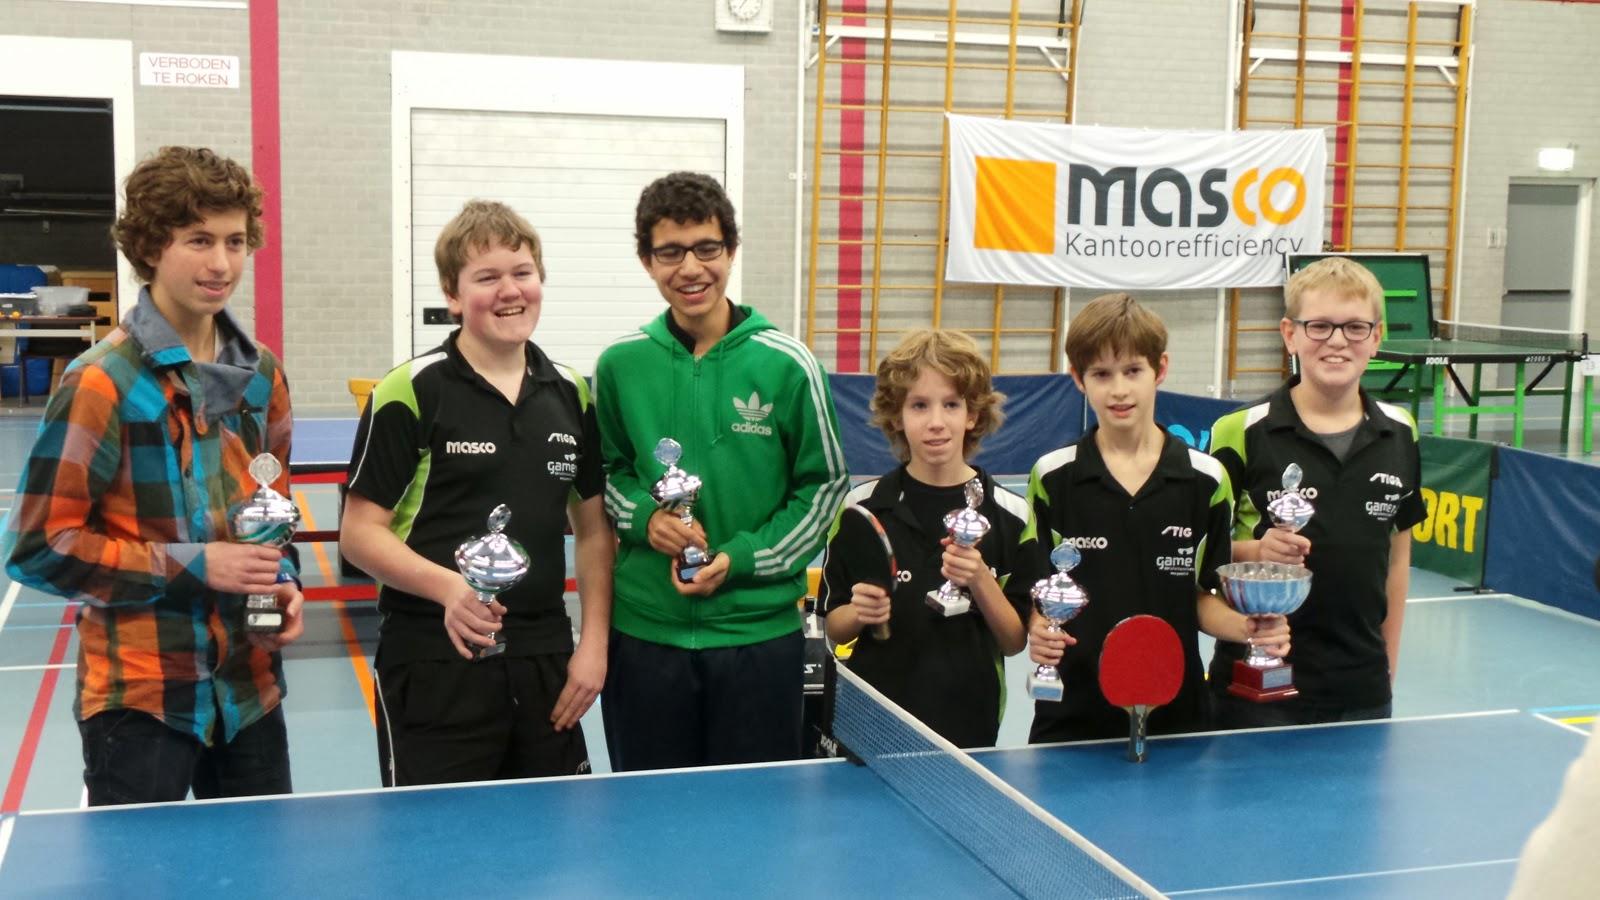 Hooglandse kampioenschappen 2015